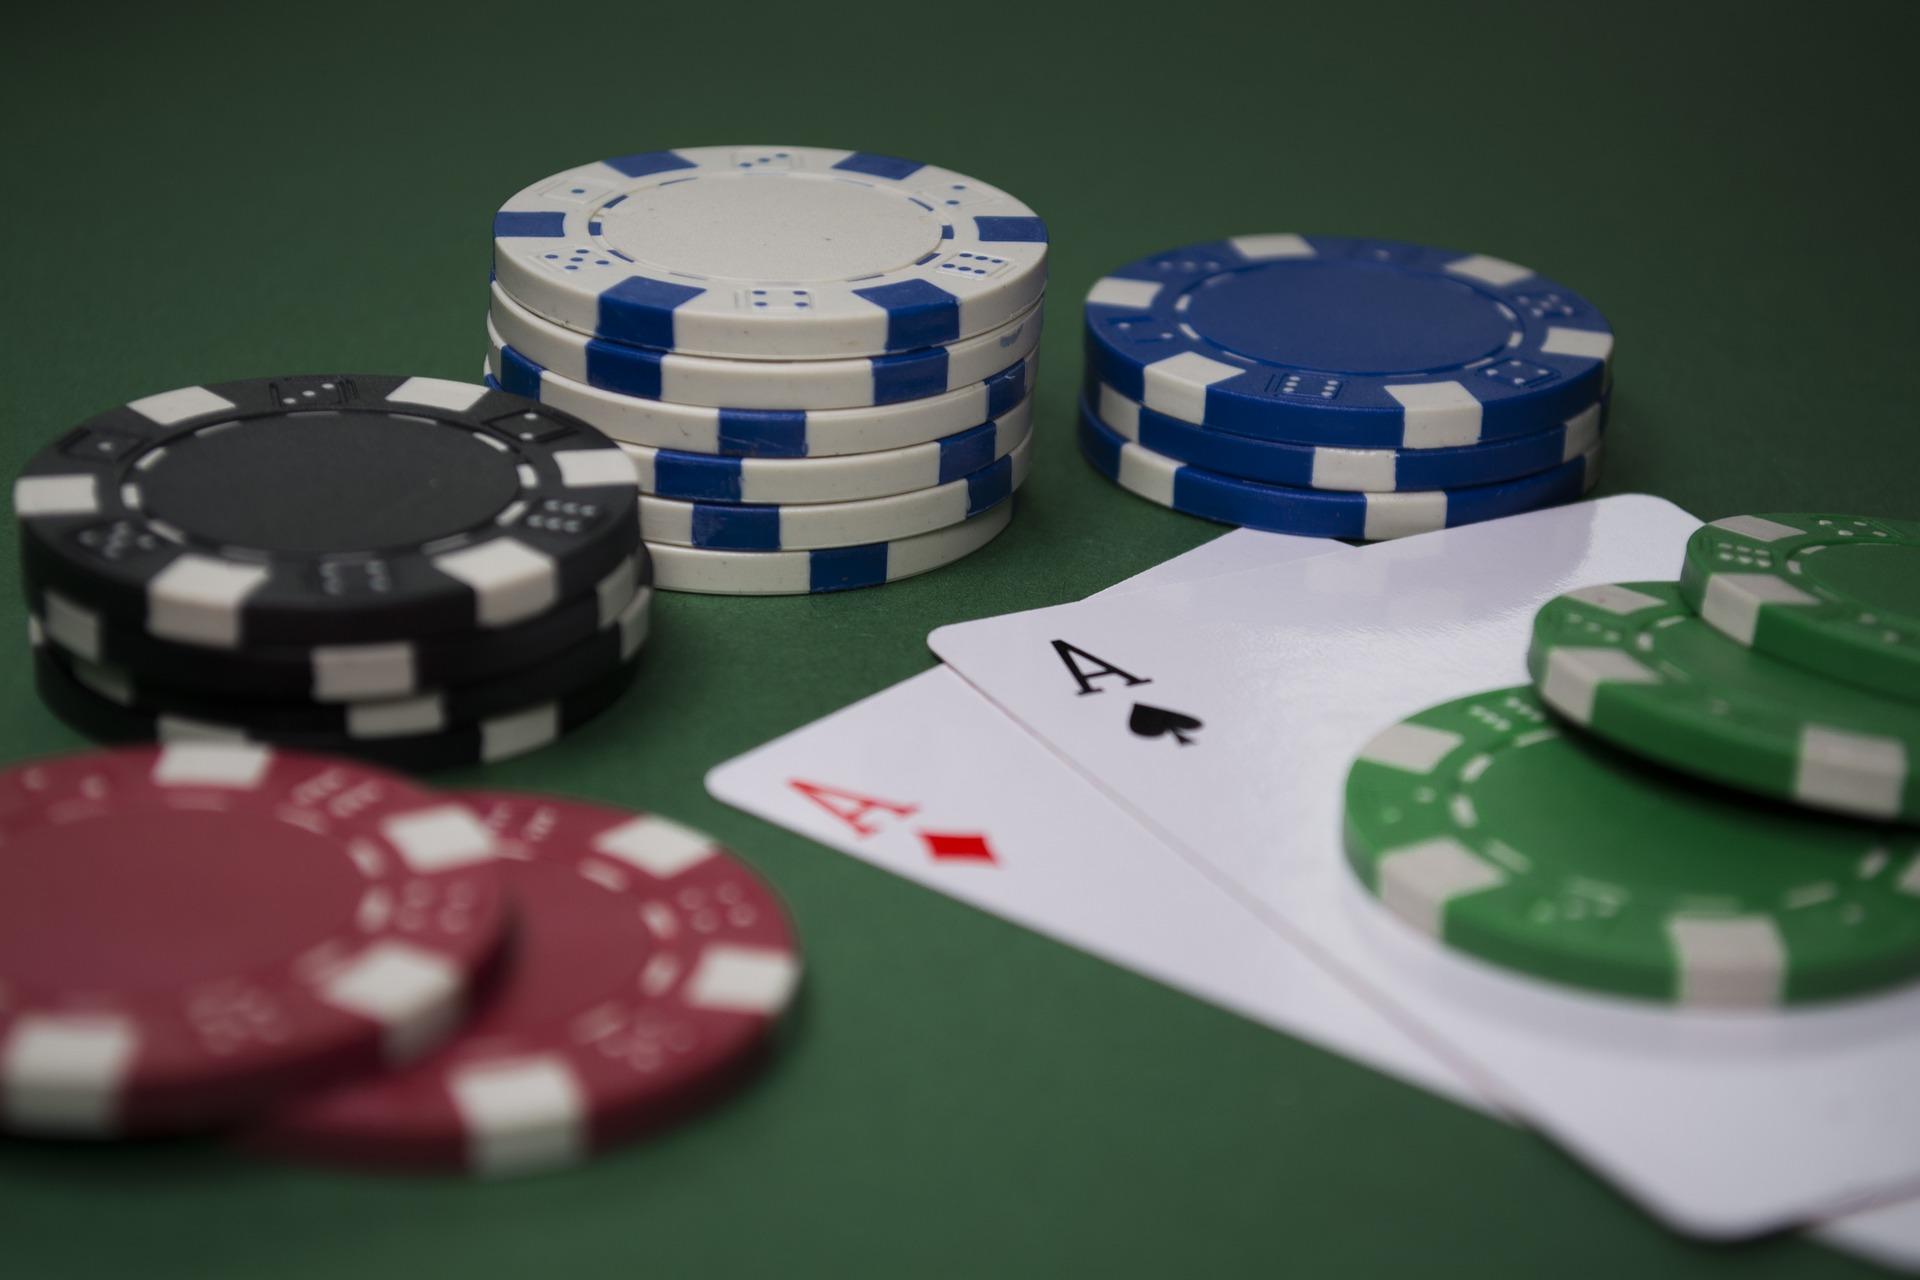 Beim Blackjack immer gewinnen